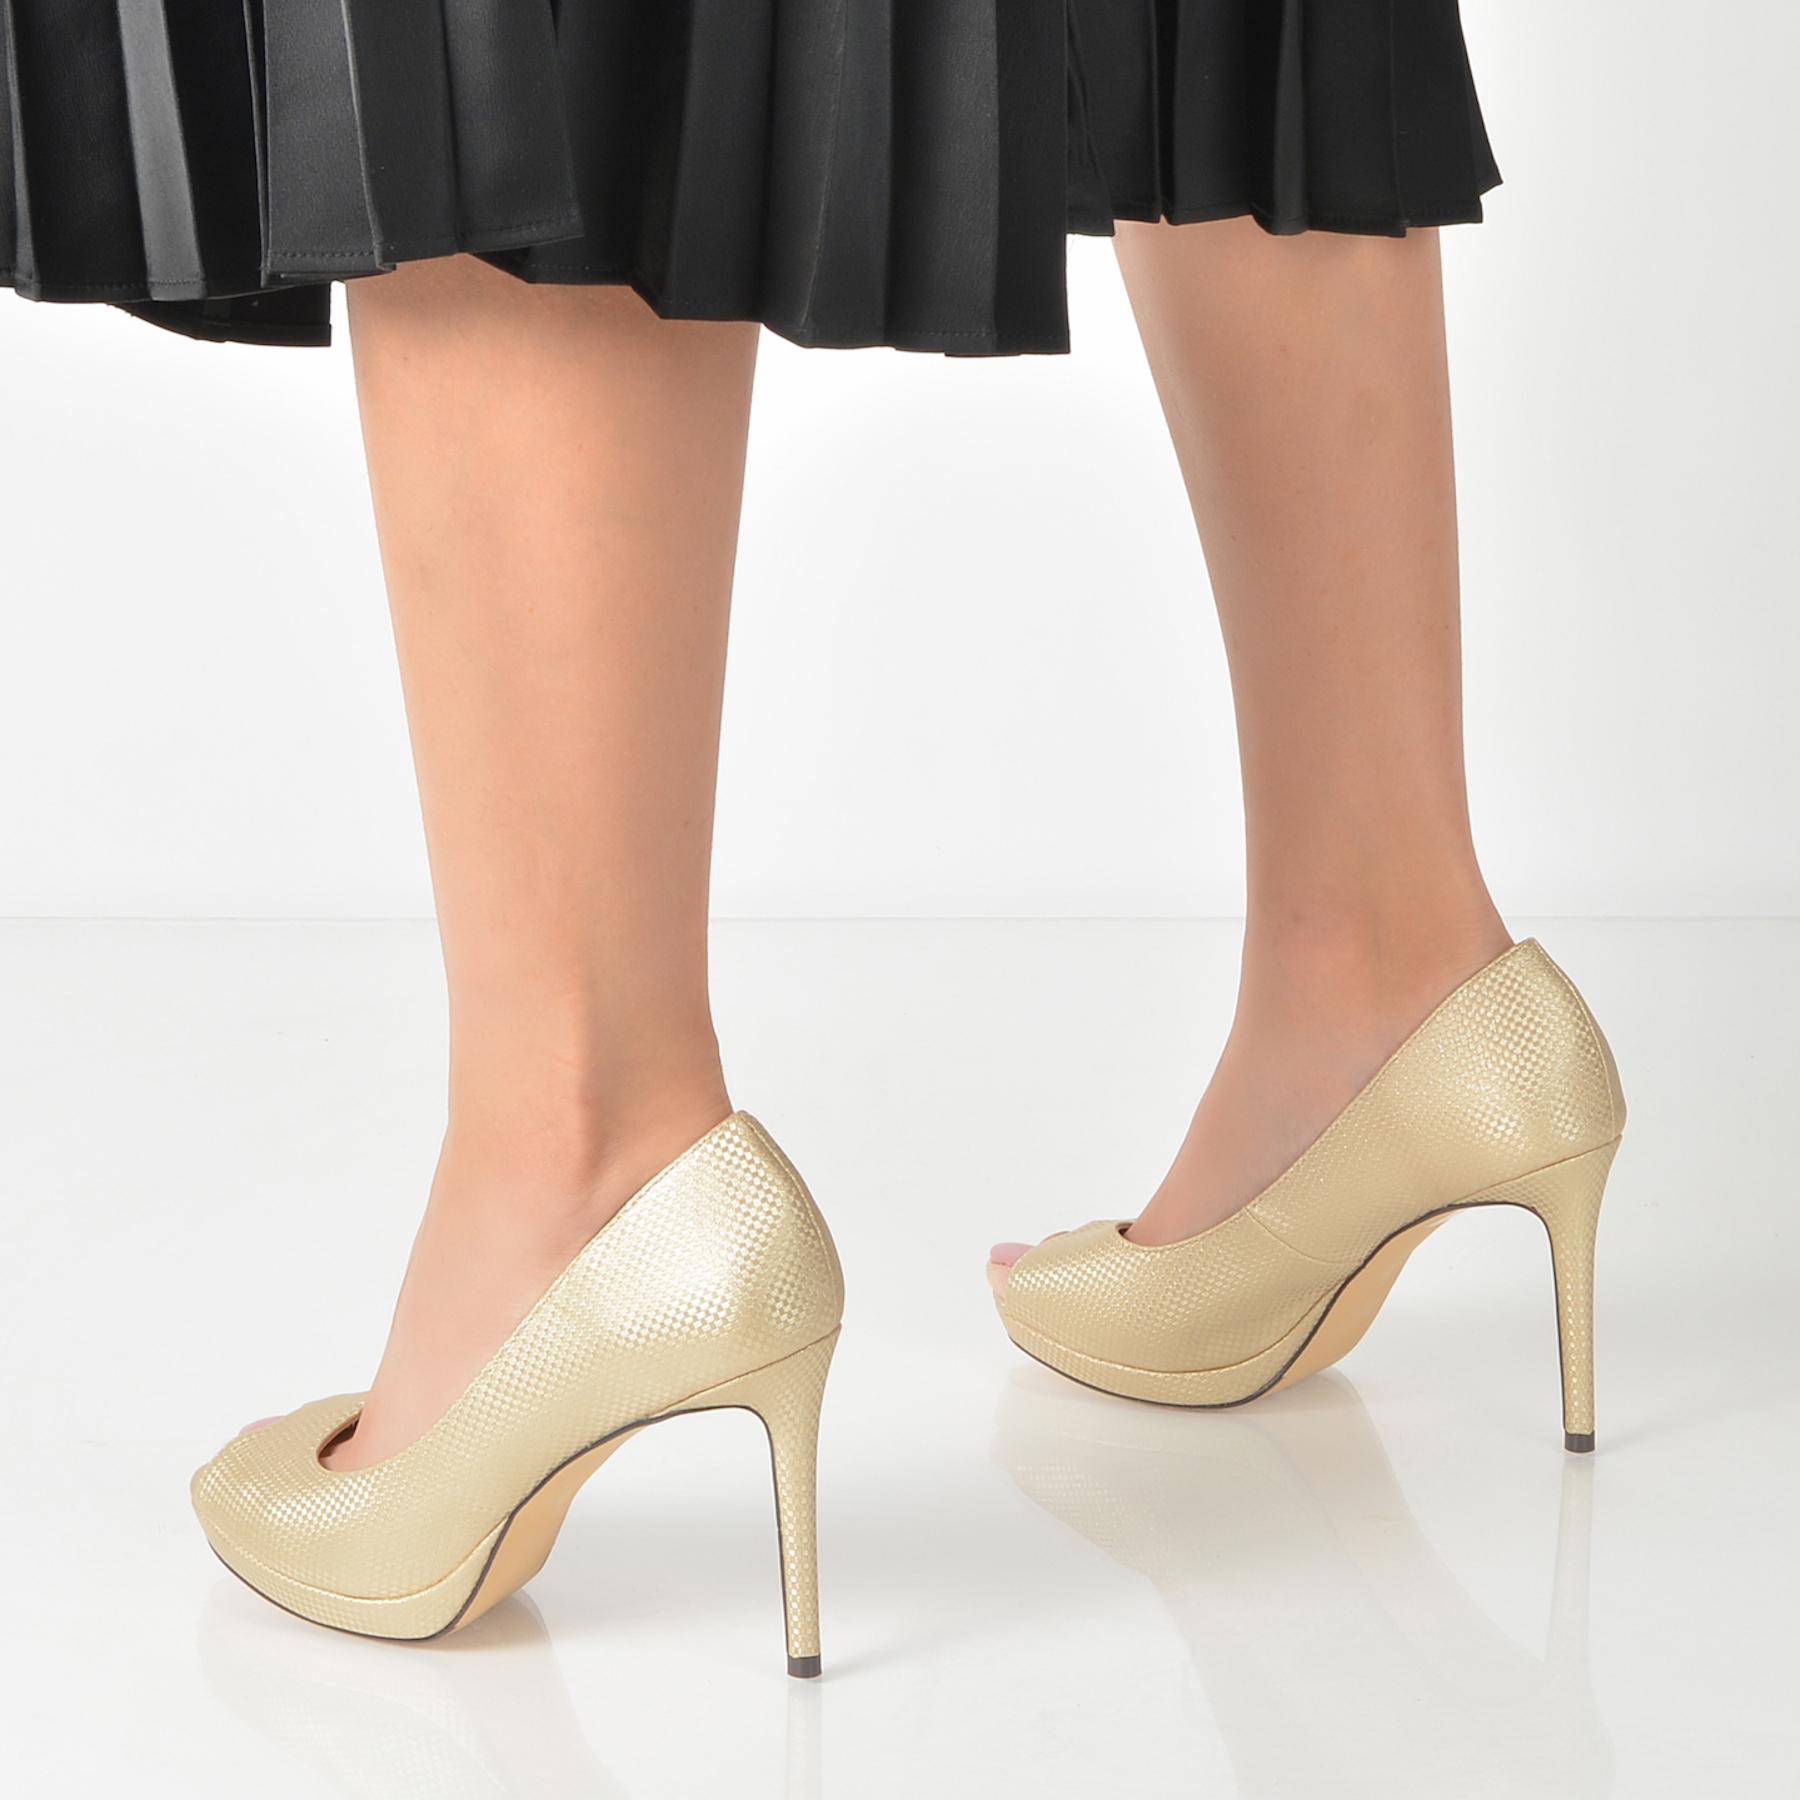 Pantofi Epica Aurii, R9313, Din Piele Ecologica